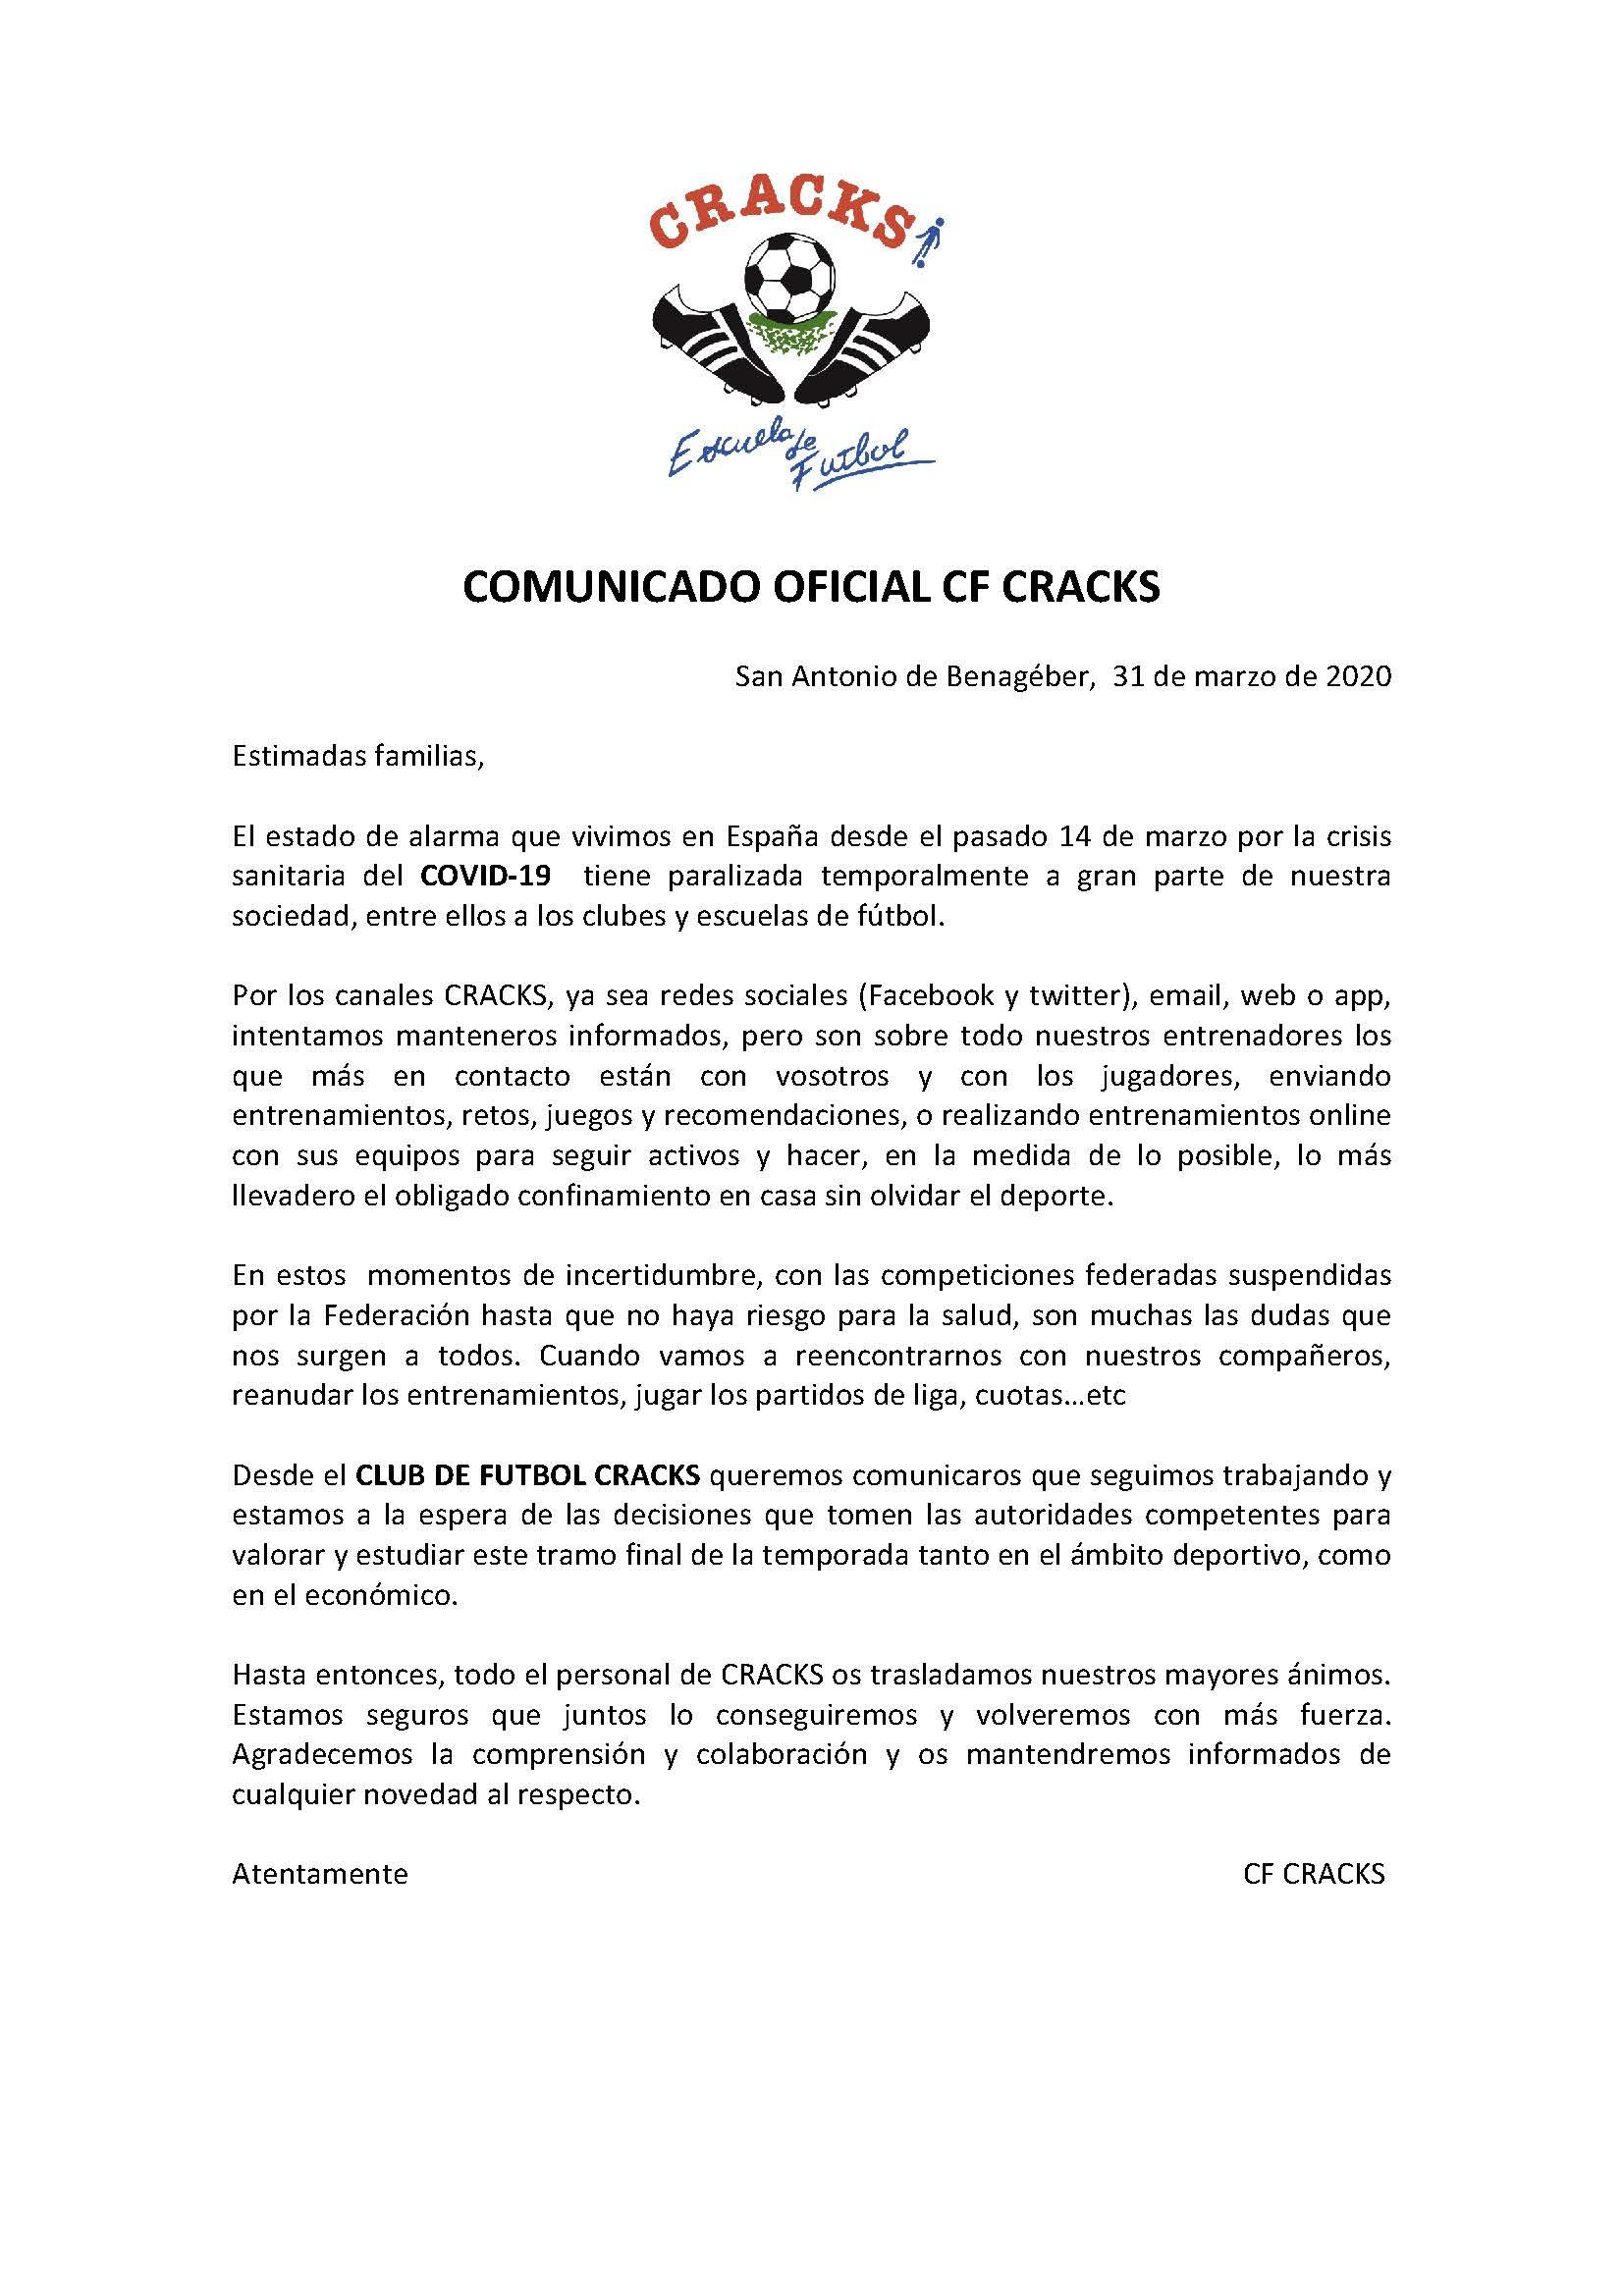 COMUNICADO 2 COVID-19